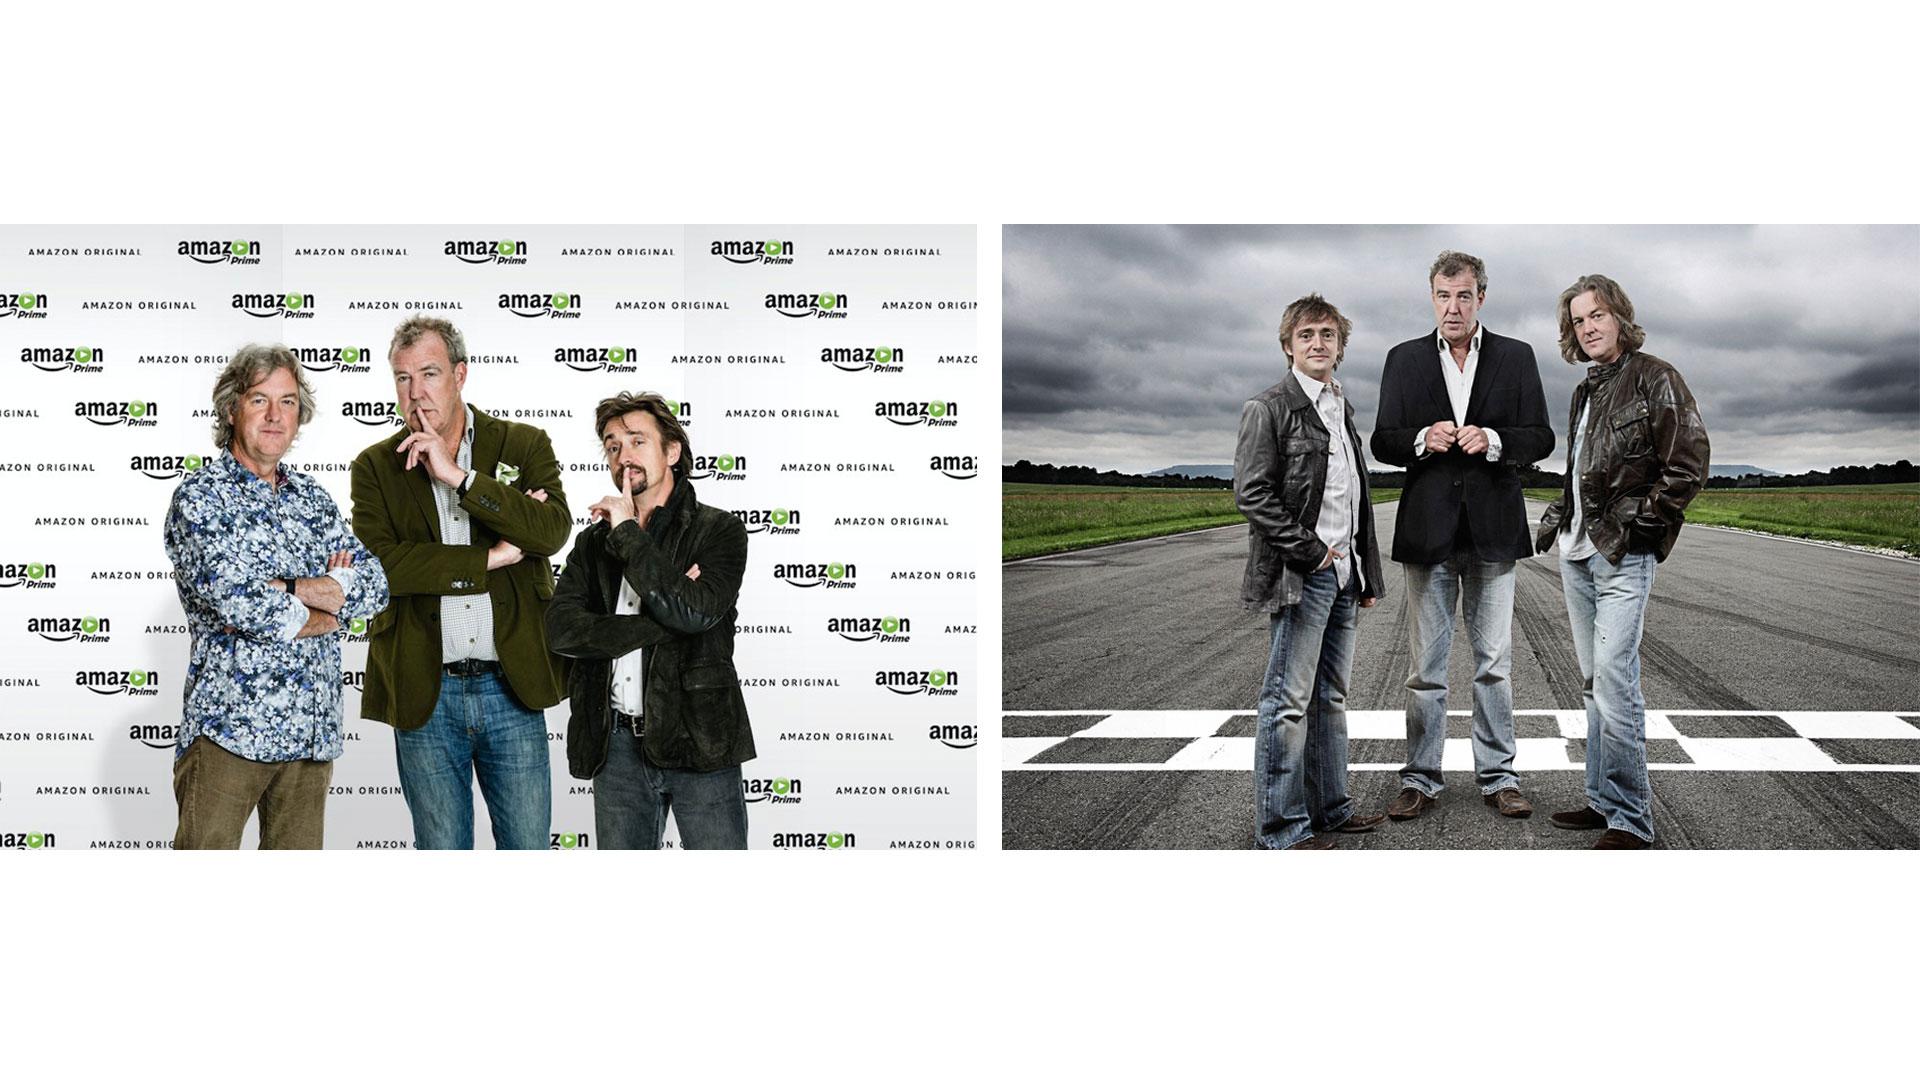 Los conductores del programa de la BBC anunciaron que tendrán un nuevo programa relacionado al mundo del automovilismo